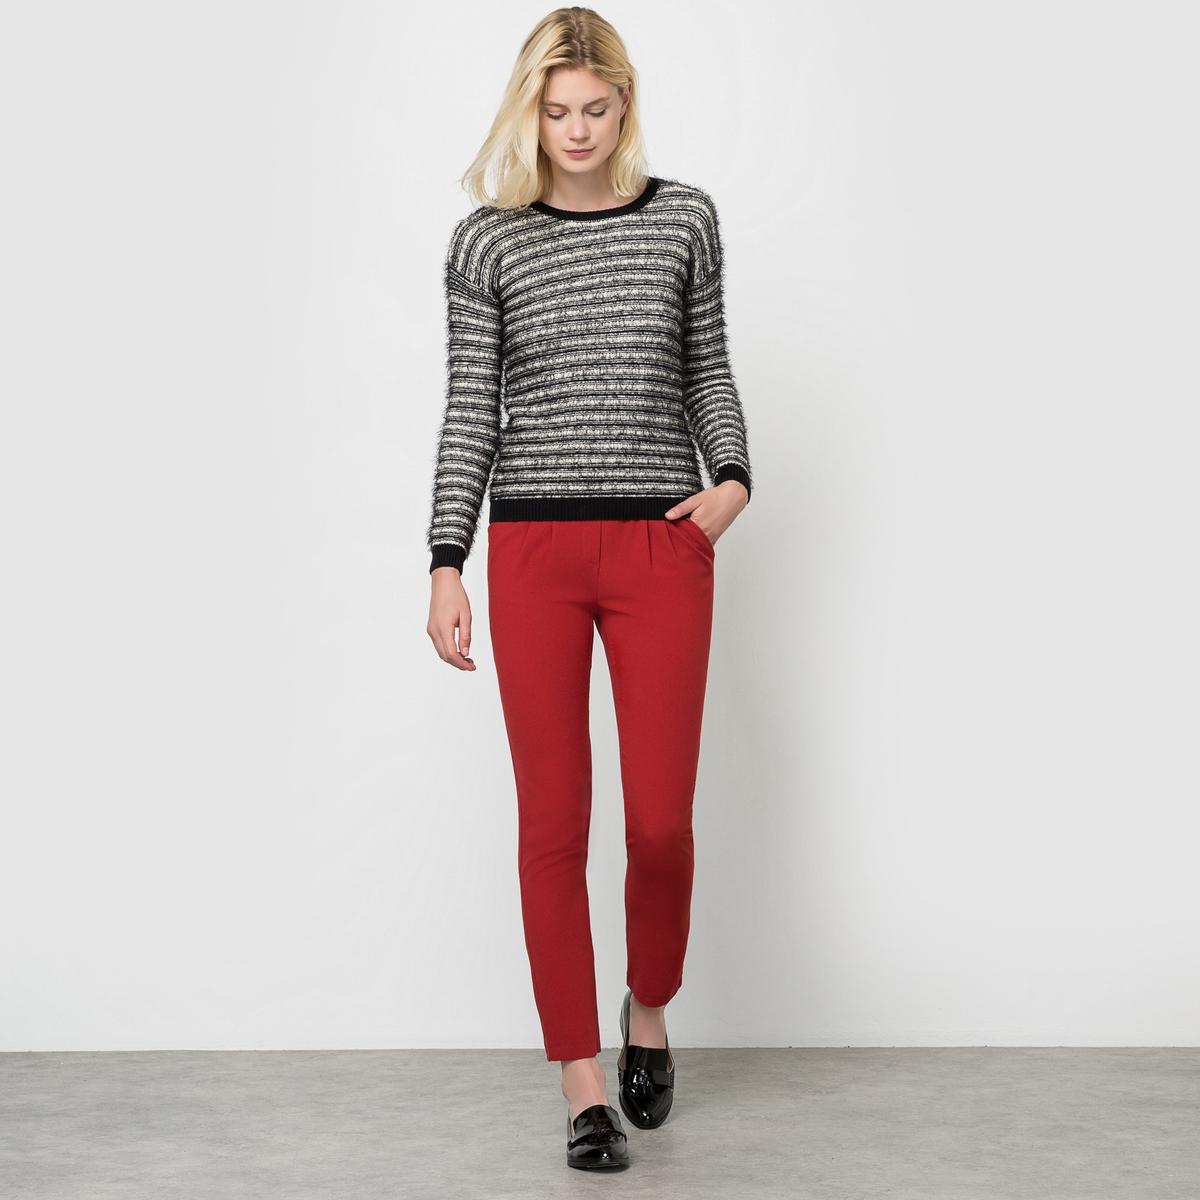 Пуловер с длинными рукавами, SUNAПуловер с длинными рукавами, модель SUNA от PEPE JEANS. Прямой покрой. Круглый вырез. Состав и описаниеМарка: PEPE JEANS.Модель: SUNAМатериал: 50% хлопка, 50% полиамида.<br><br>Цвет: черный/ белый